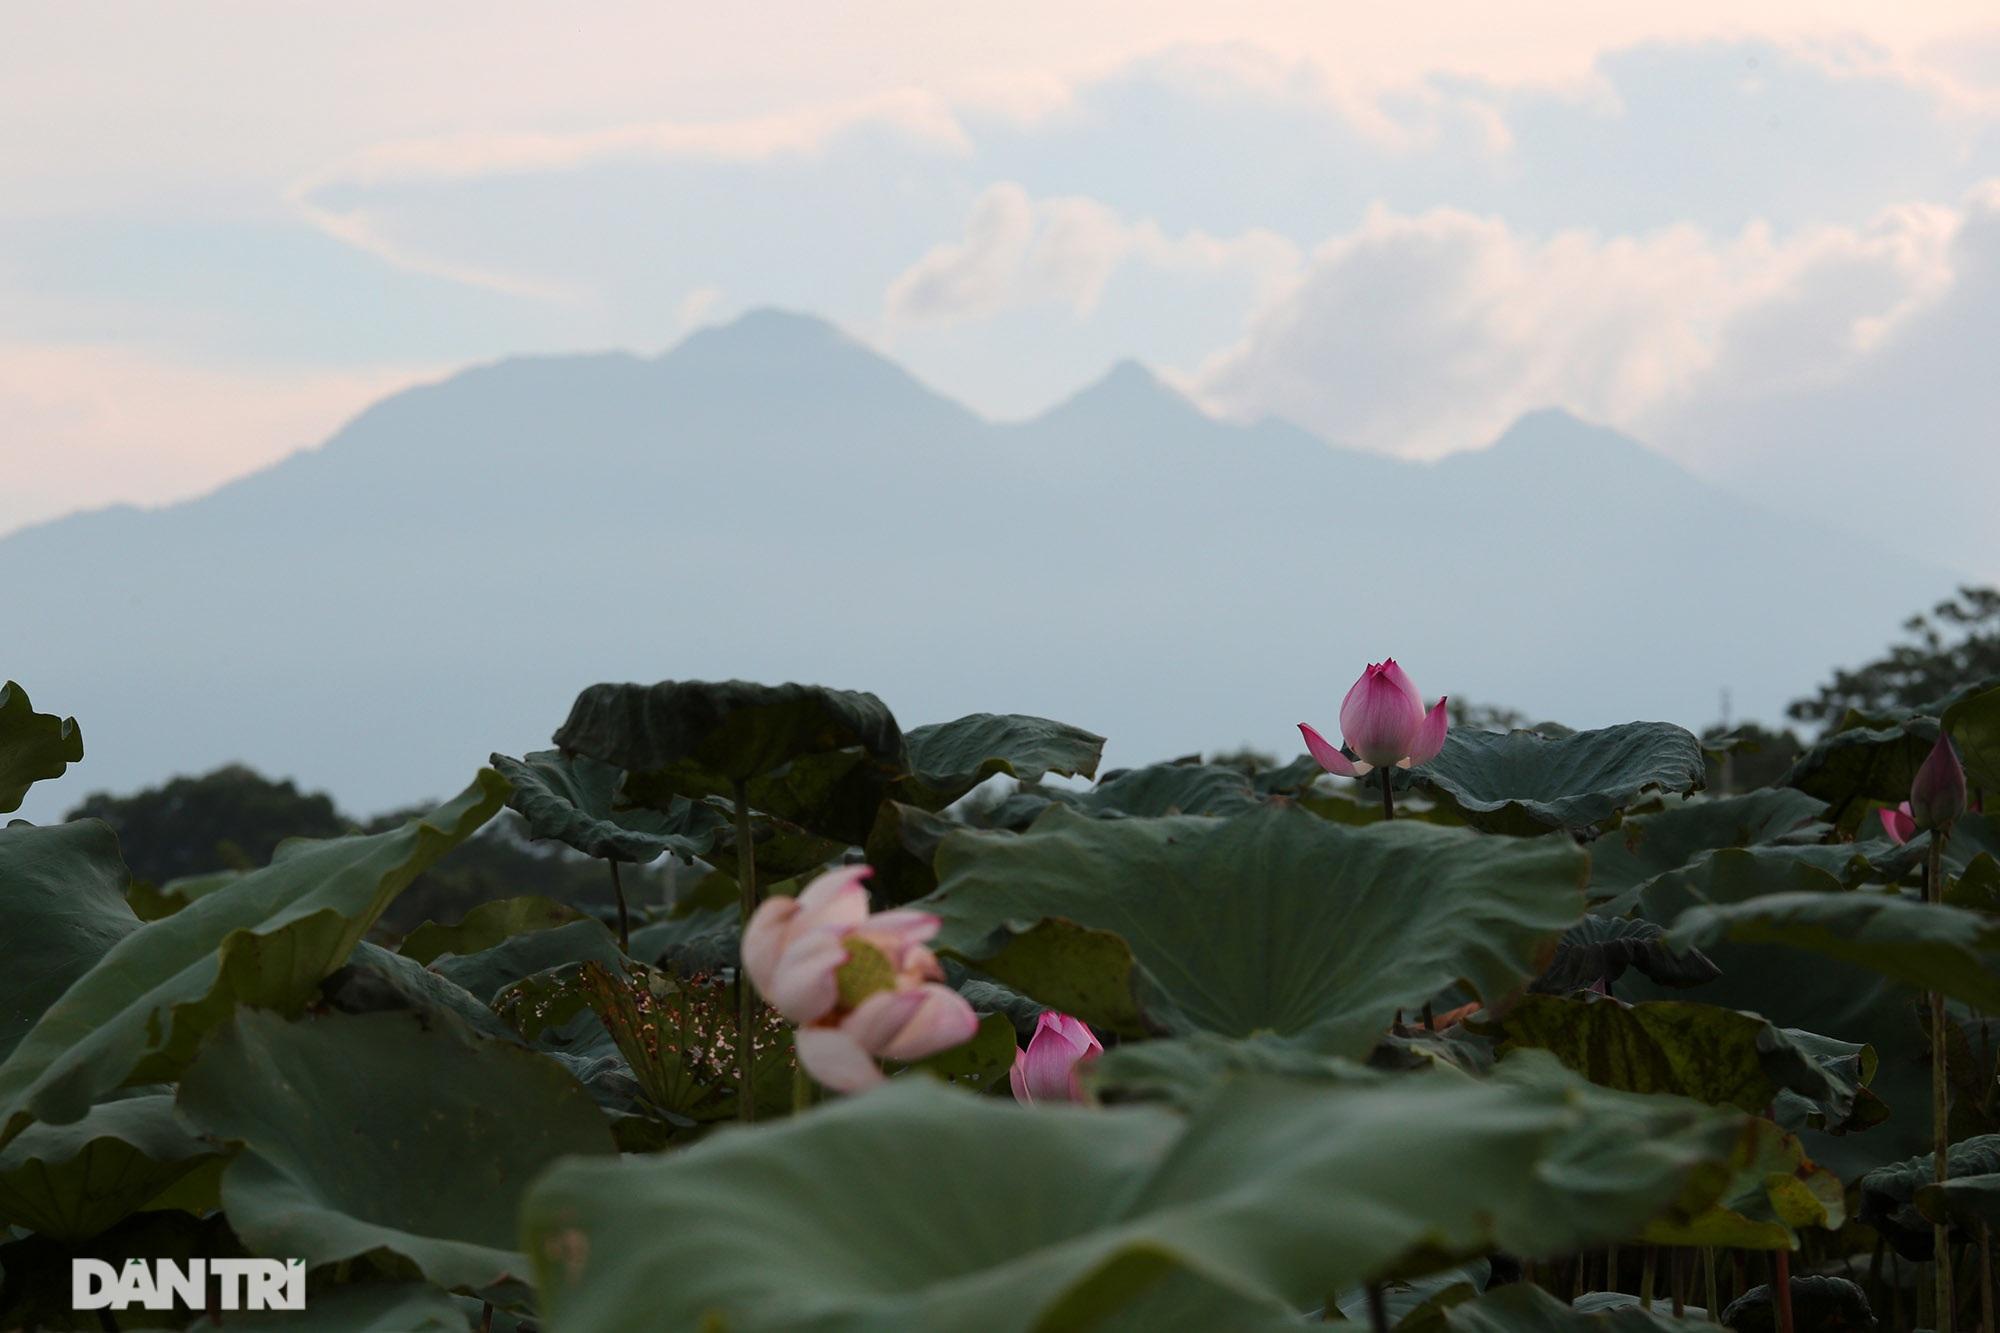 Núi thiêng gần Hà Nội đẹp mê mải nhìn từ muôn phương tám hướng - 6